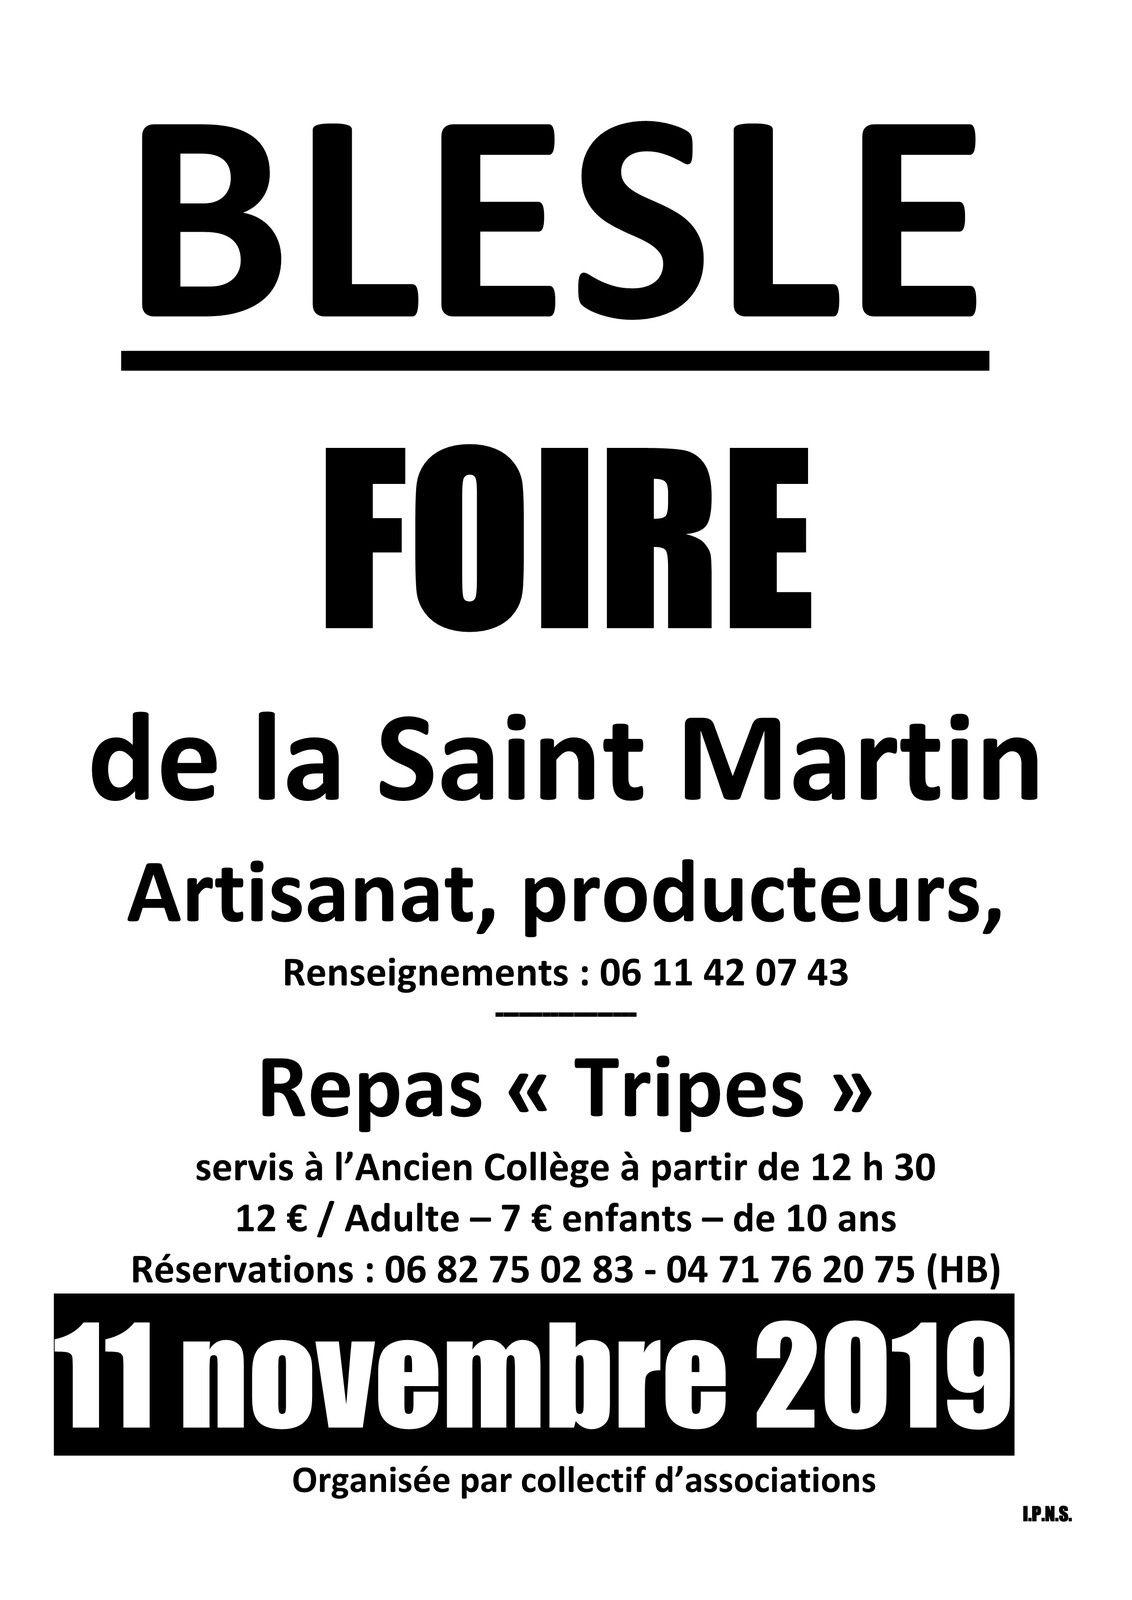 Blesle : foire de Saint Martin